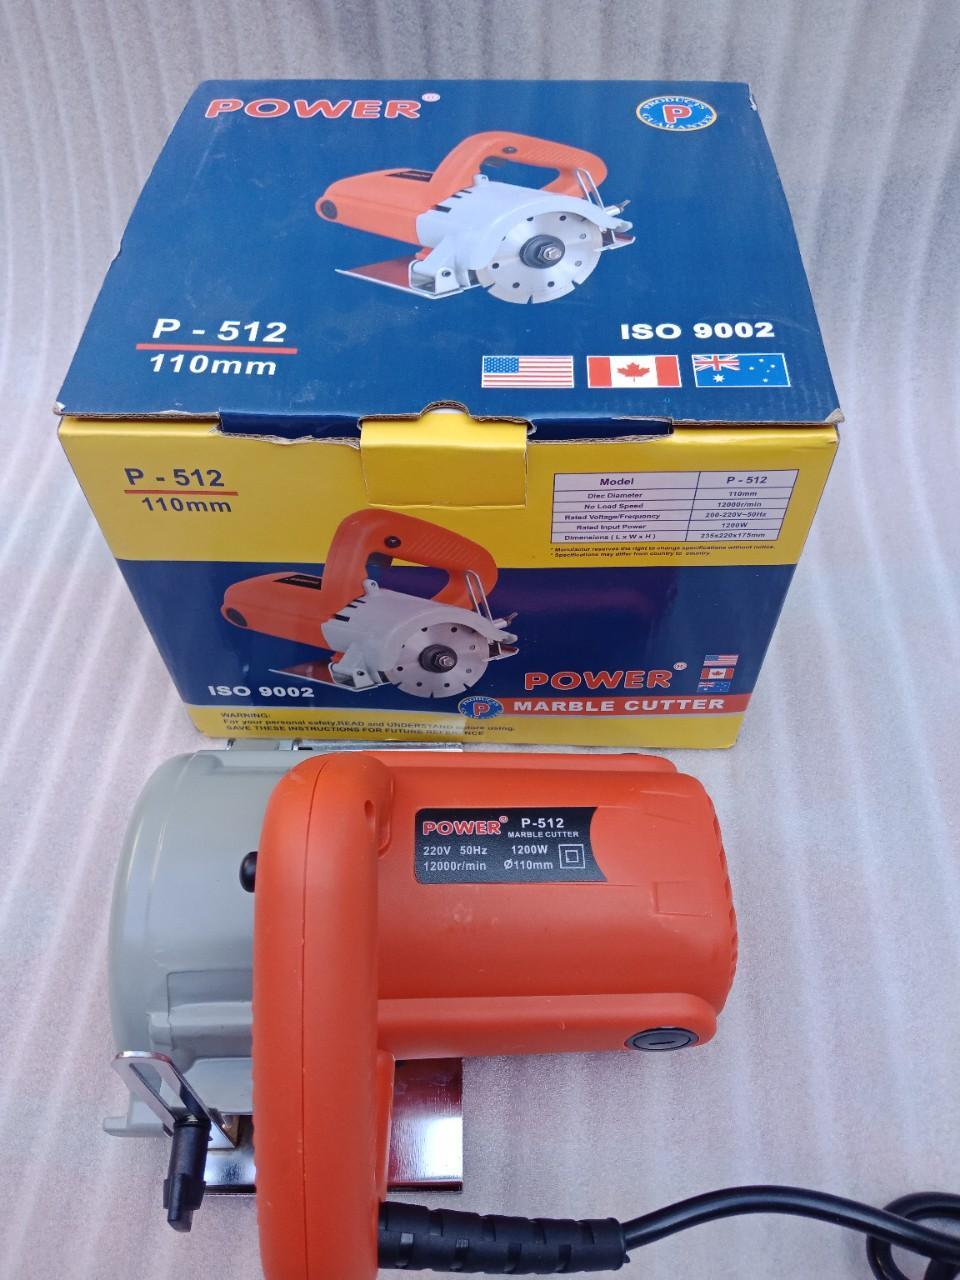 Máy cắt gạch Power P512 máy cắt gạch giá rẻ máy cắt gạch chuyên nghiệp